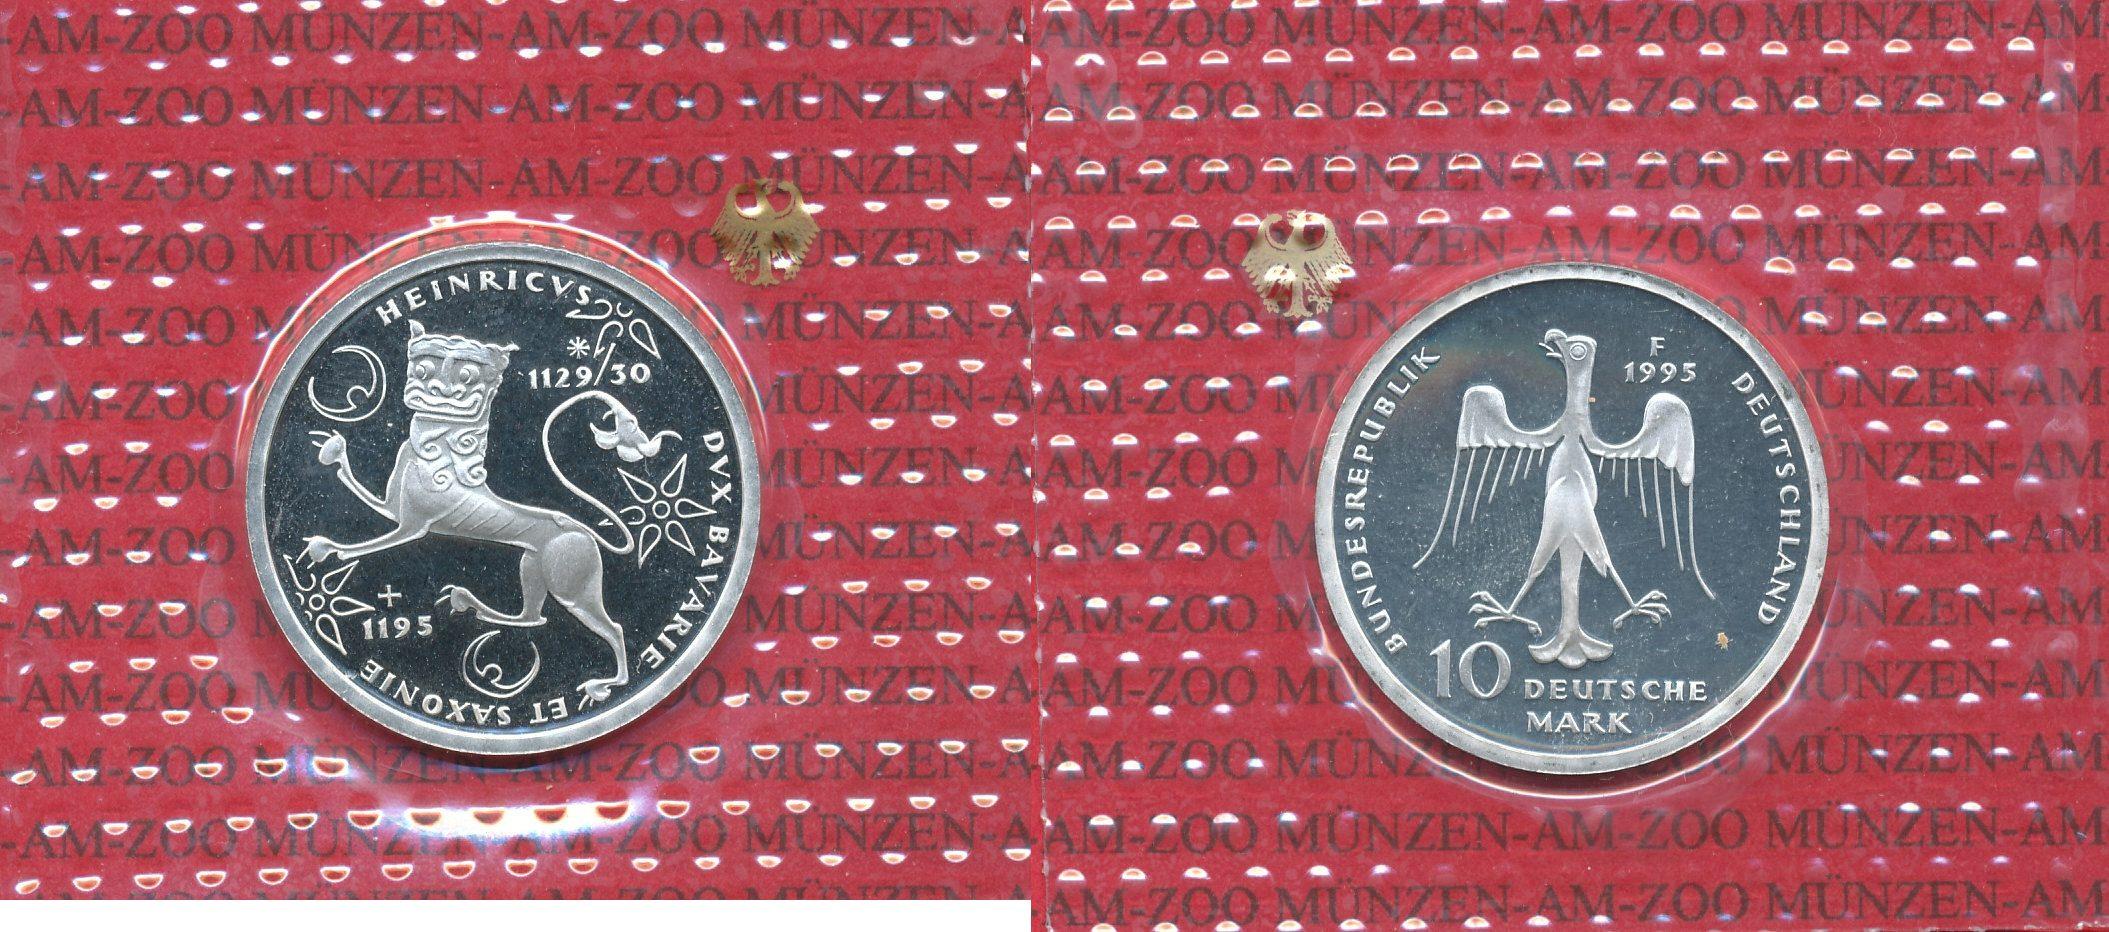 10 Dm Gedenkmünze Silber 1995 Bundesrepublik Deutschland